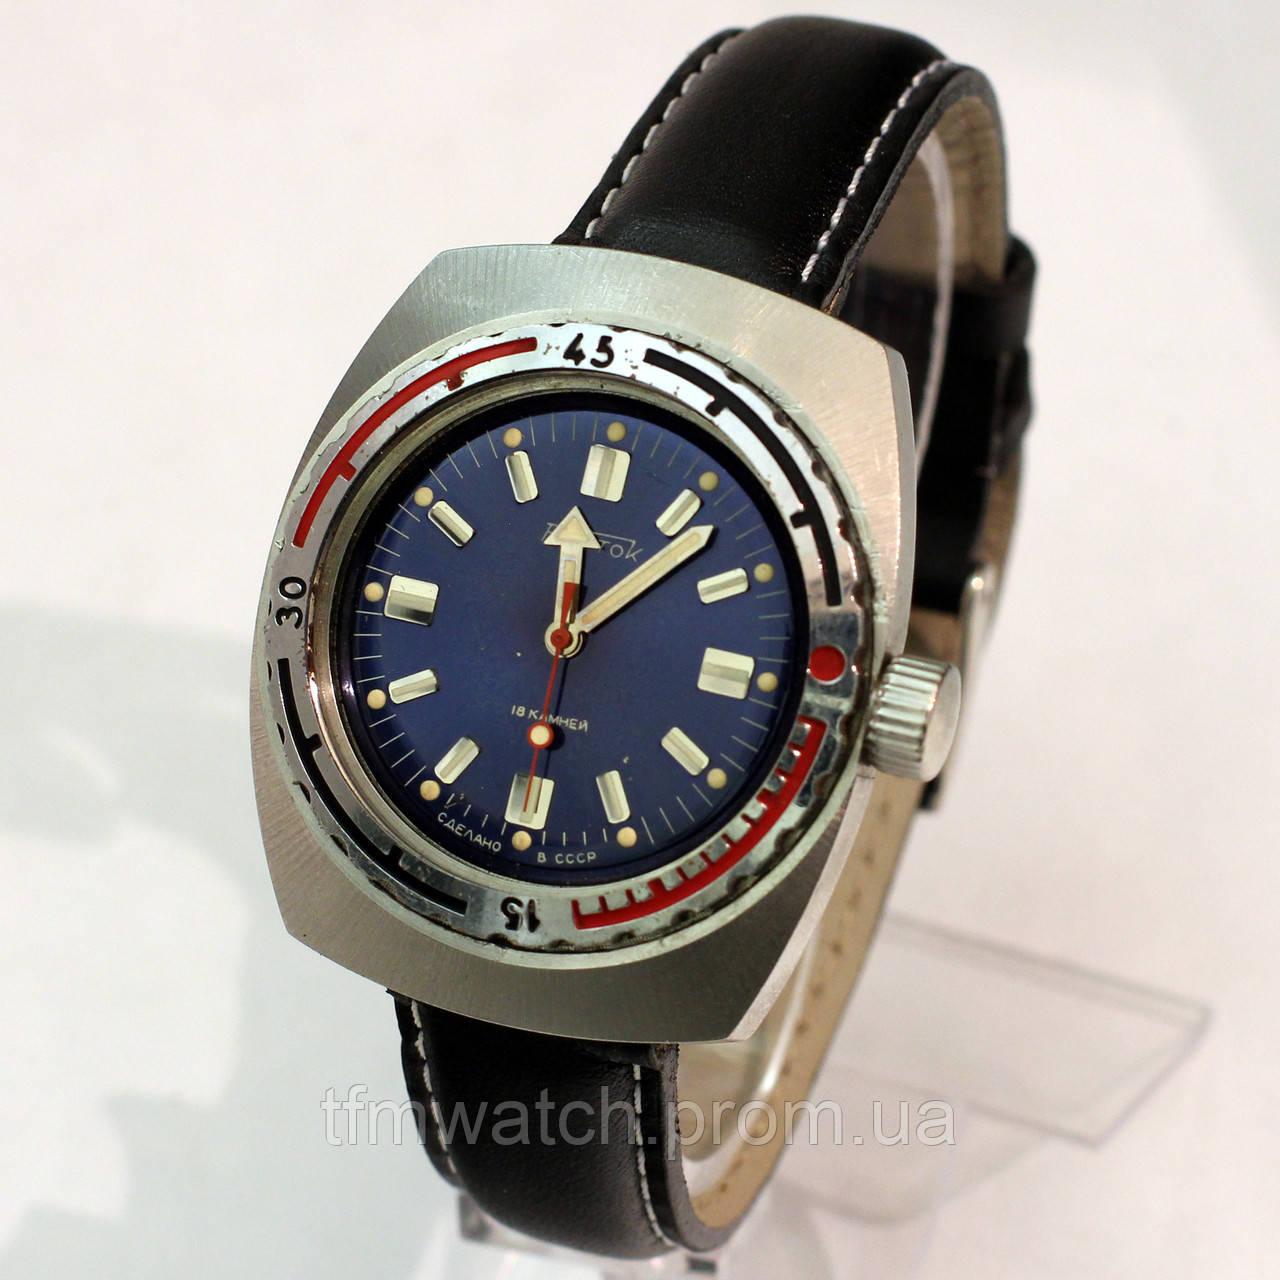 Купить старые часы амфибия самые современные наручные часы в мире